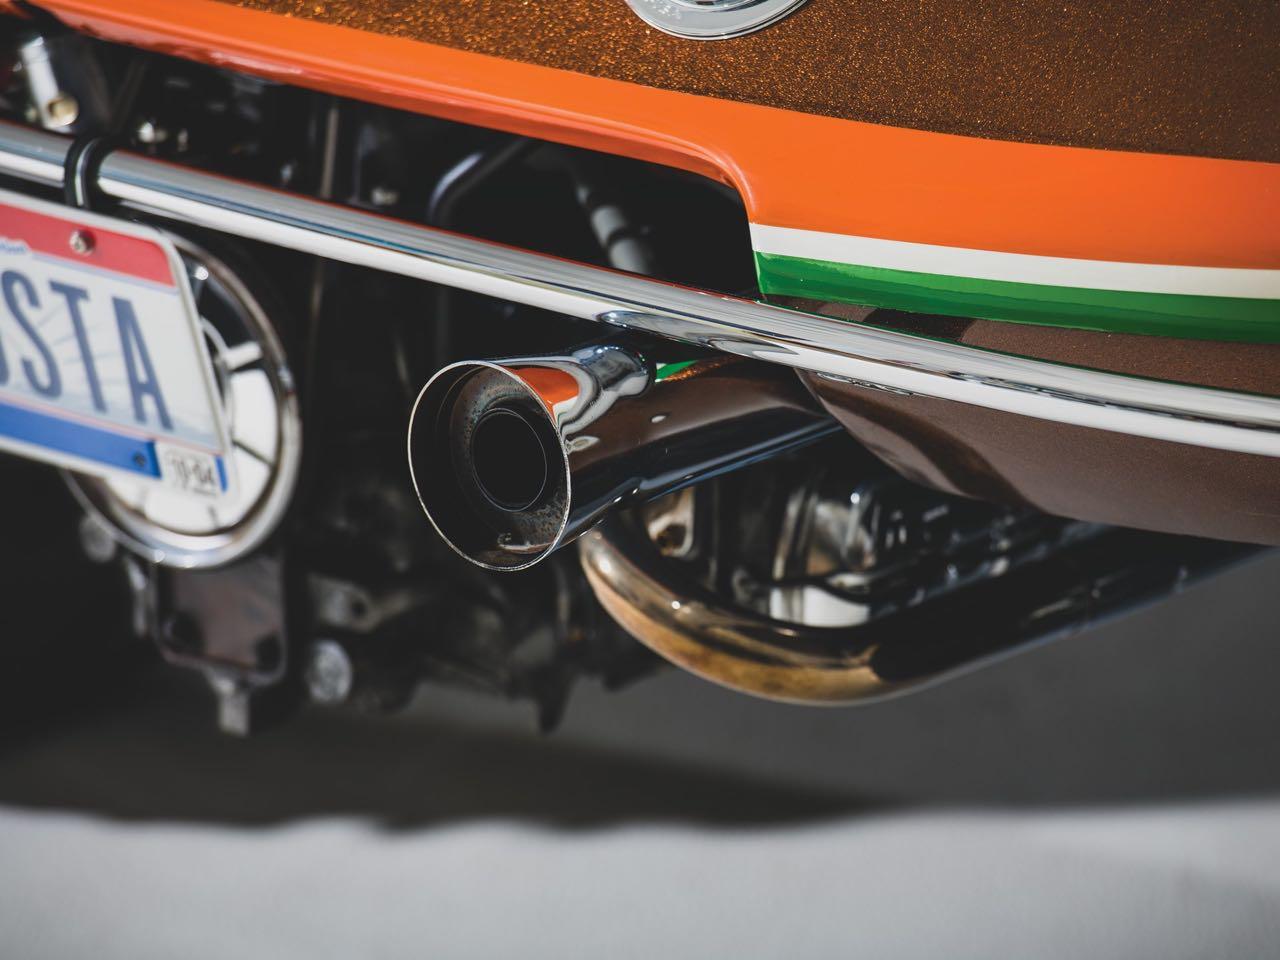 1971 Mangosta Sport Buggy - Délire V.I.P ! 12